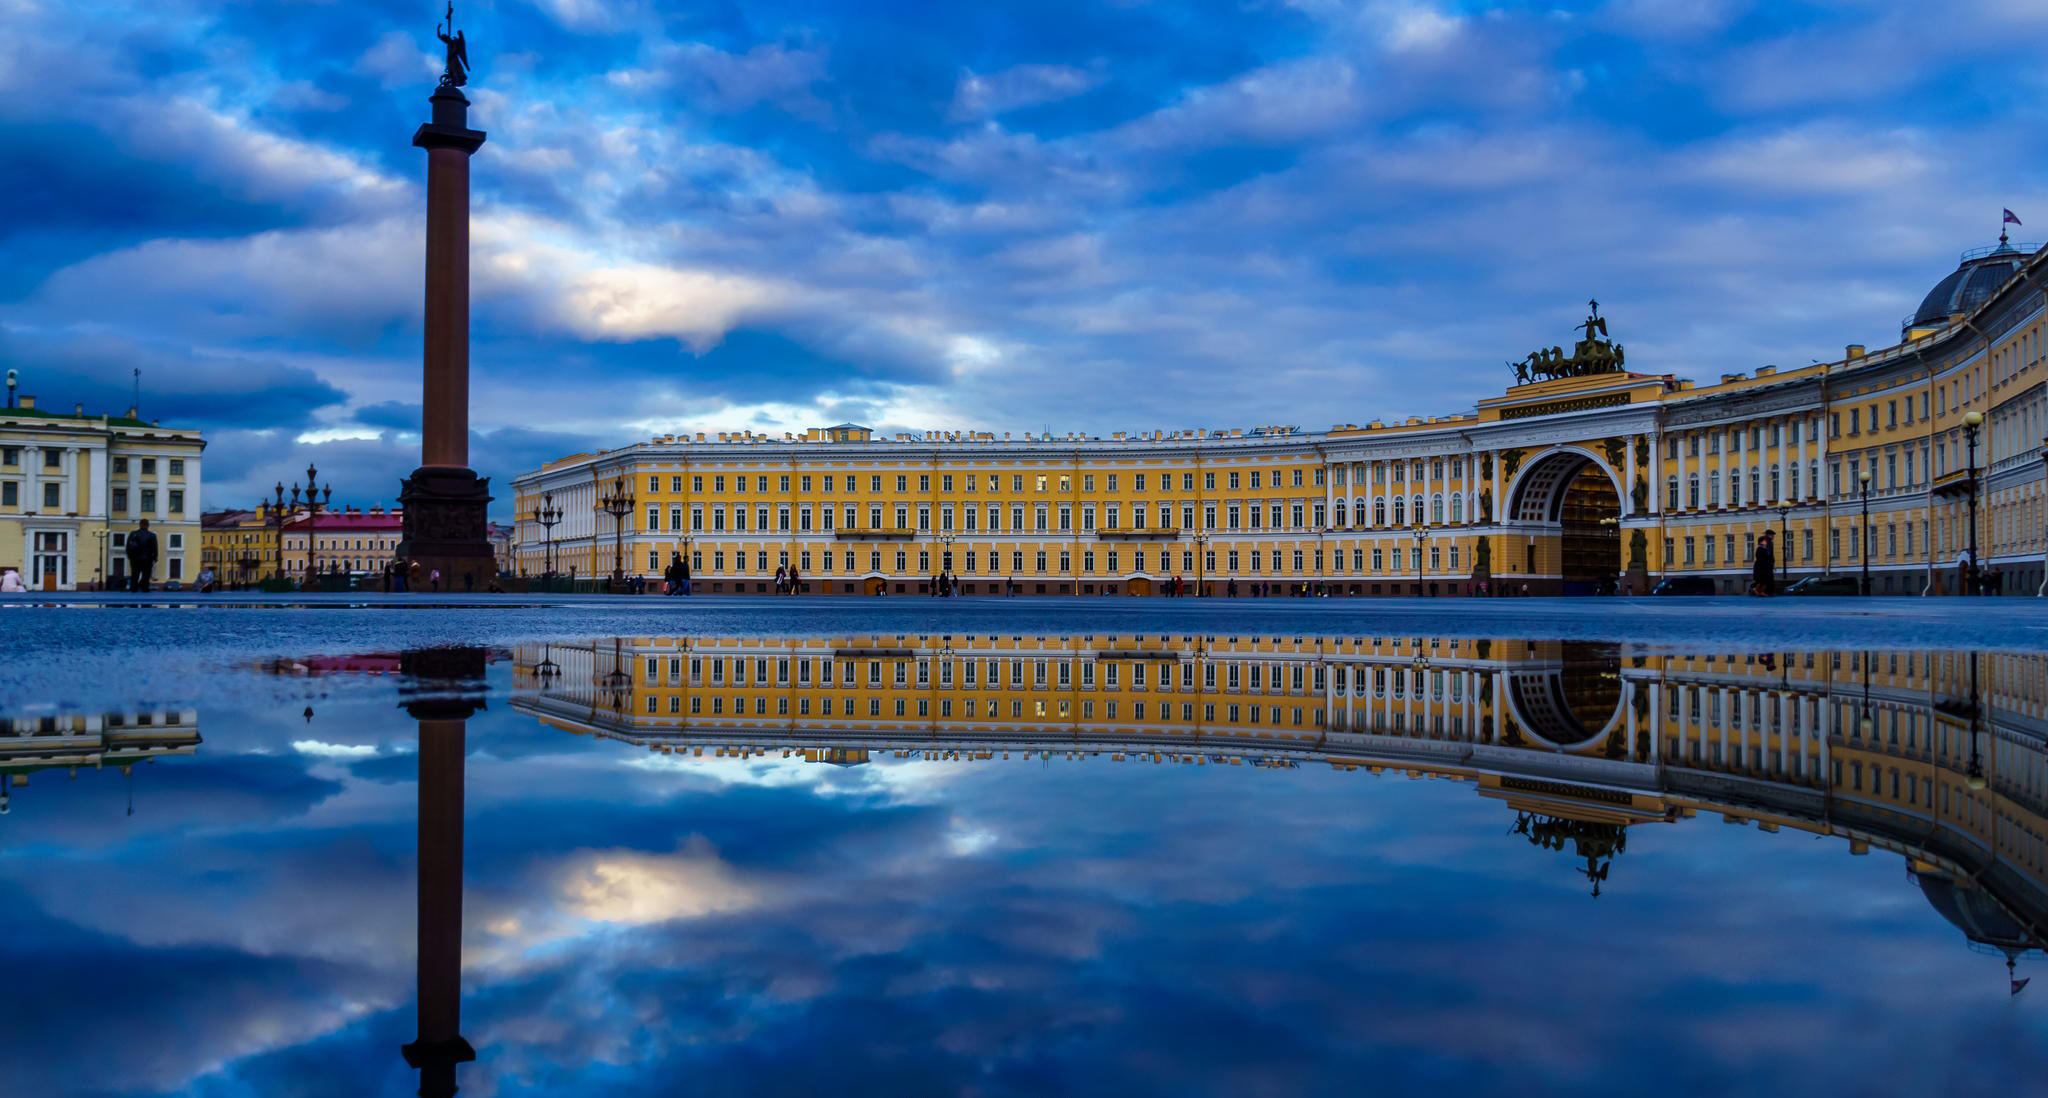 Что обязательно стоит посетить в Санкт-П